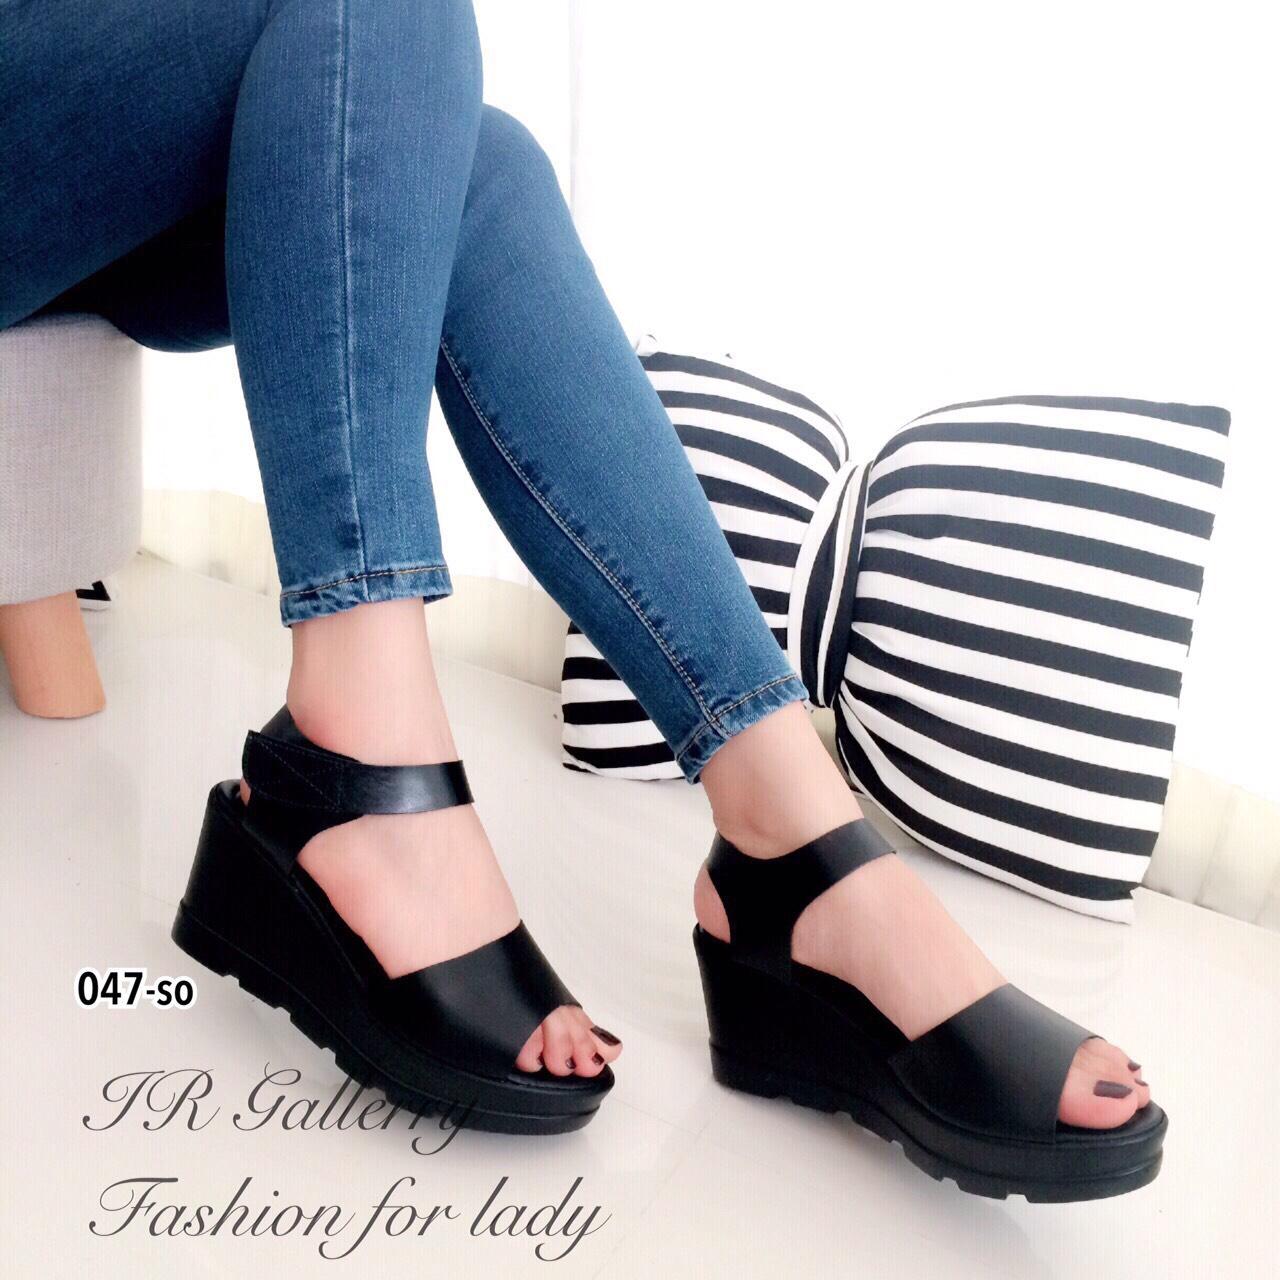 รองเท้าส้นเตารีดสไตล์ลำลอง (สีดำ)